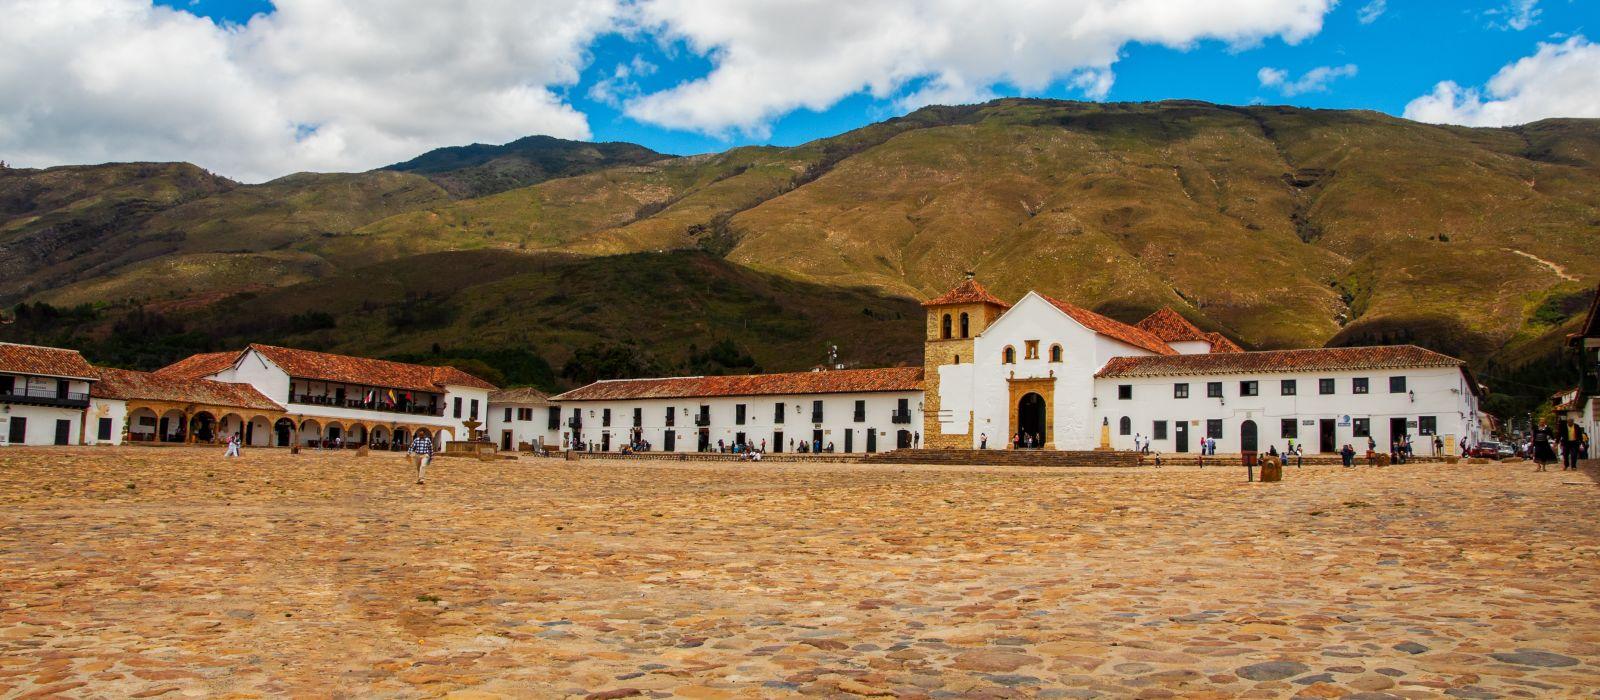 Destination Villa de Leyva Colombia